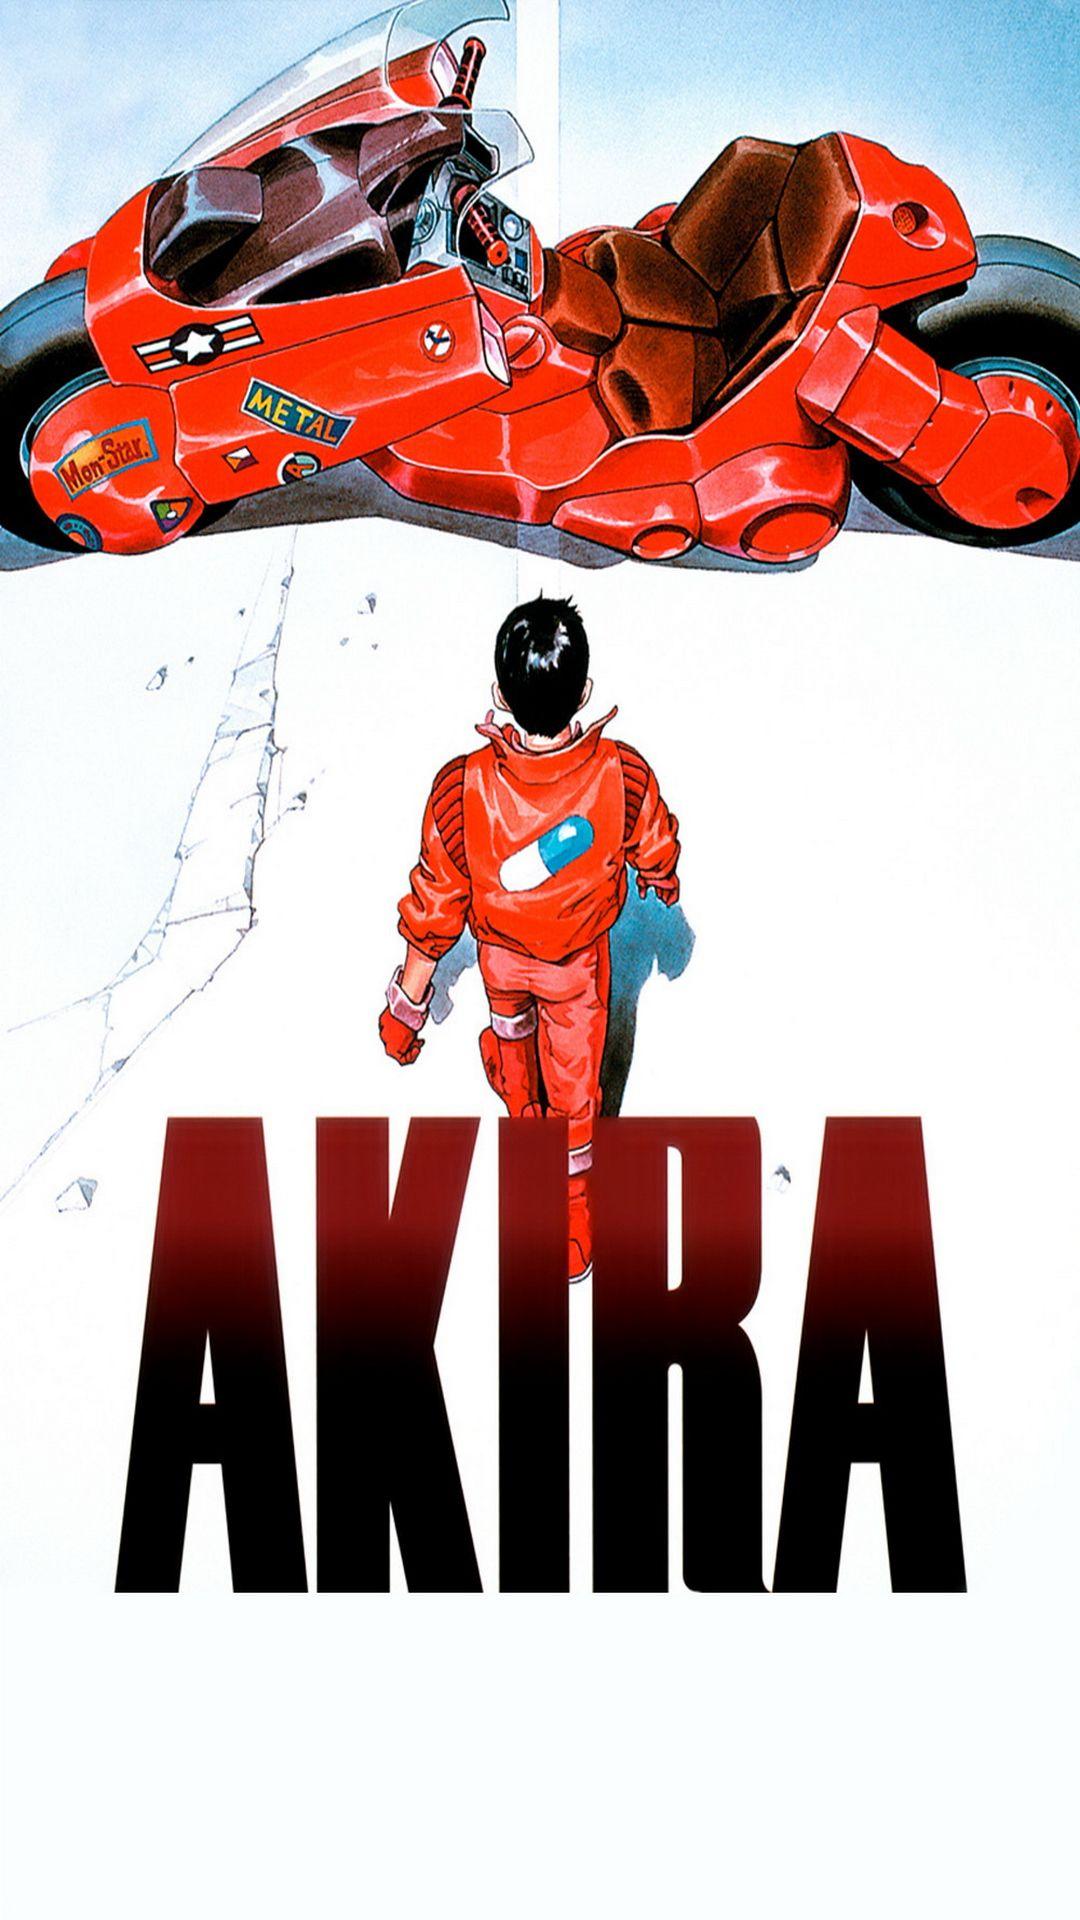 Akira アニメのスマホ壁紙 Iphone7 スマホ壁紙 待受画像ギャラリー Akira アニメ Akira アキラ 漫画 Akira